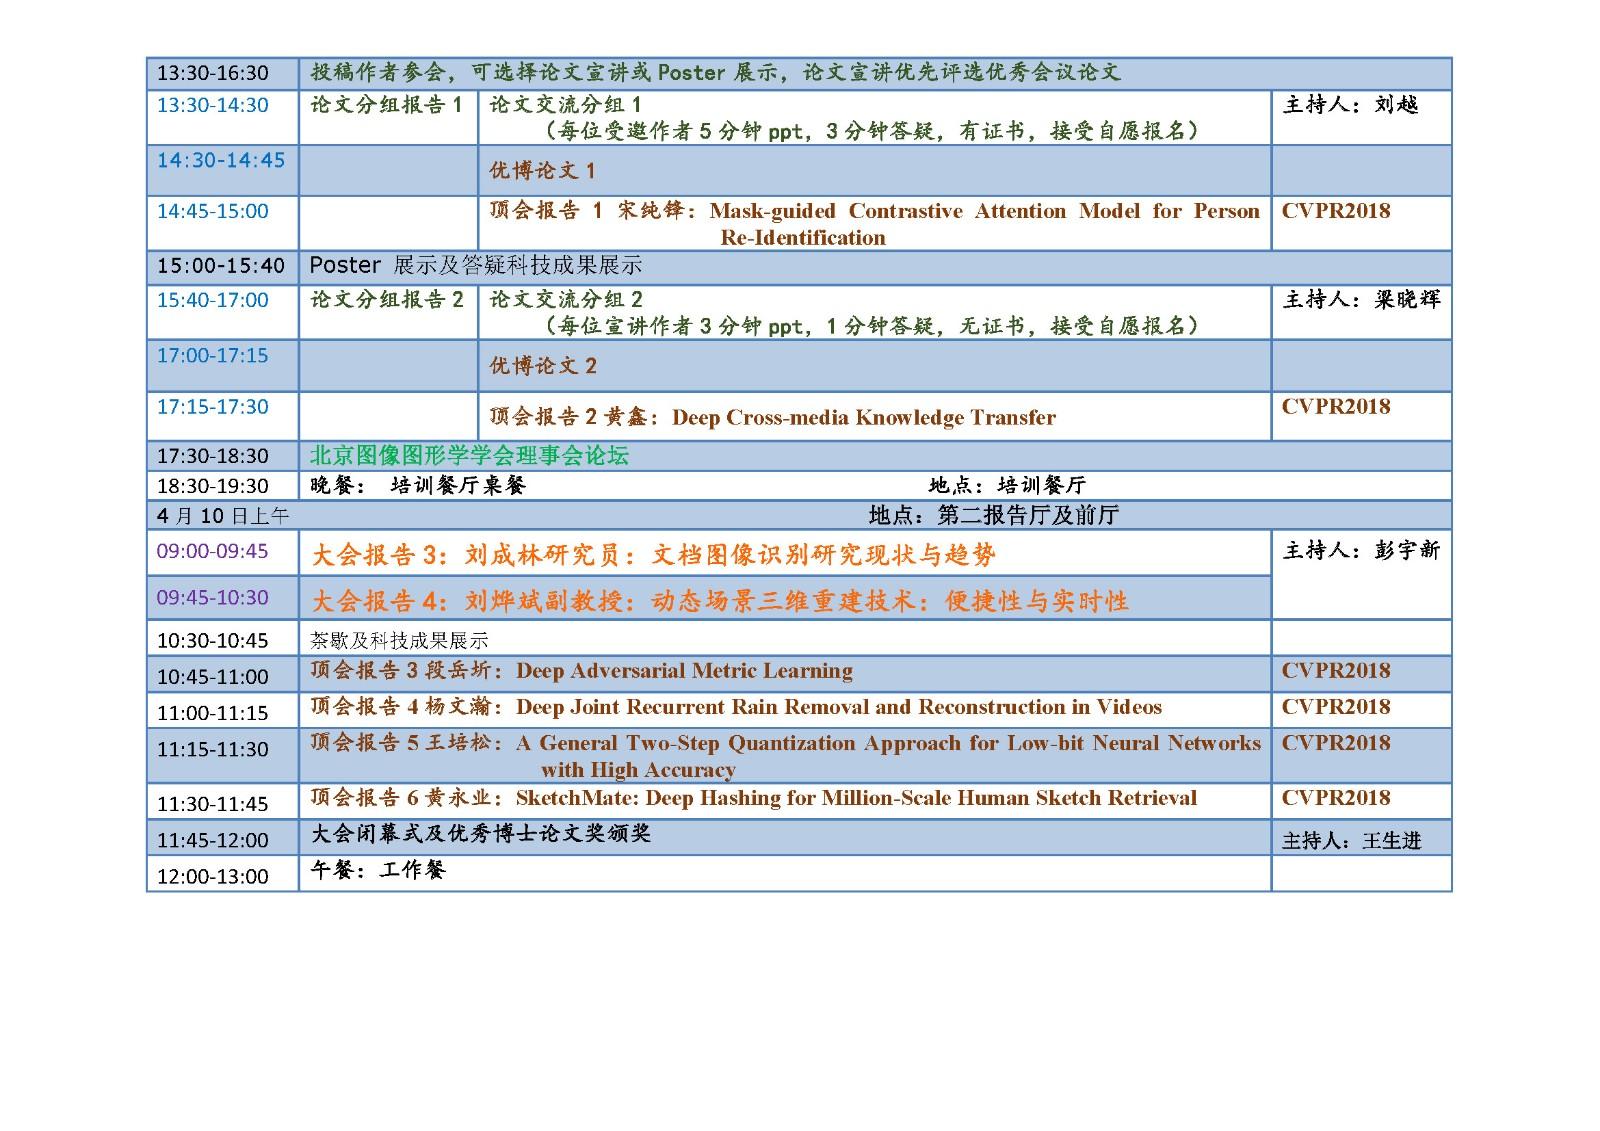 日程表3.27_页面_2.jpg